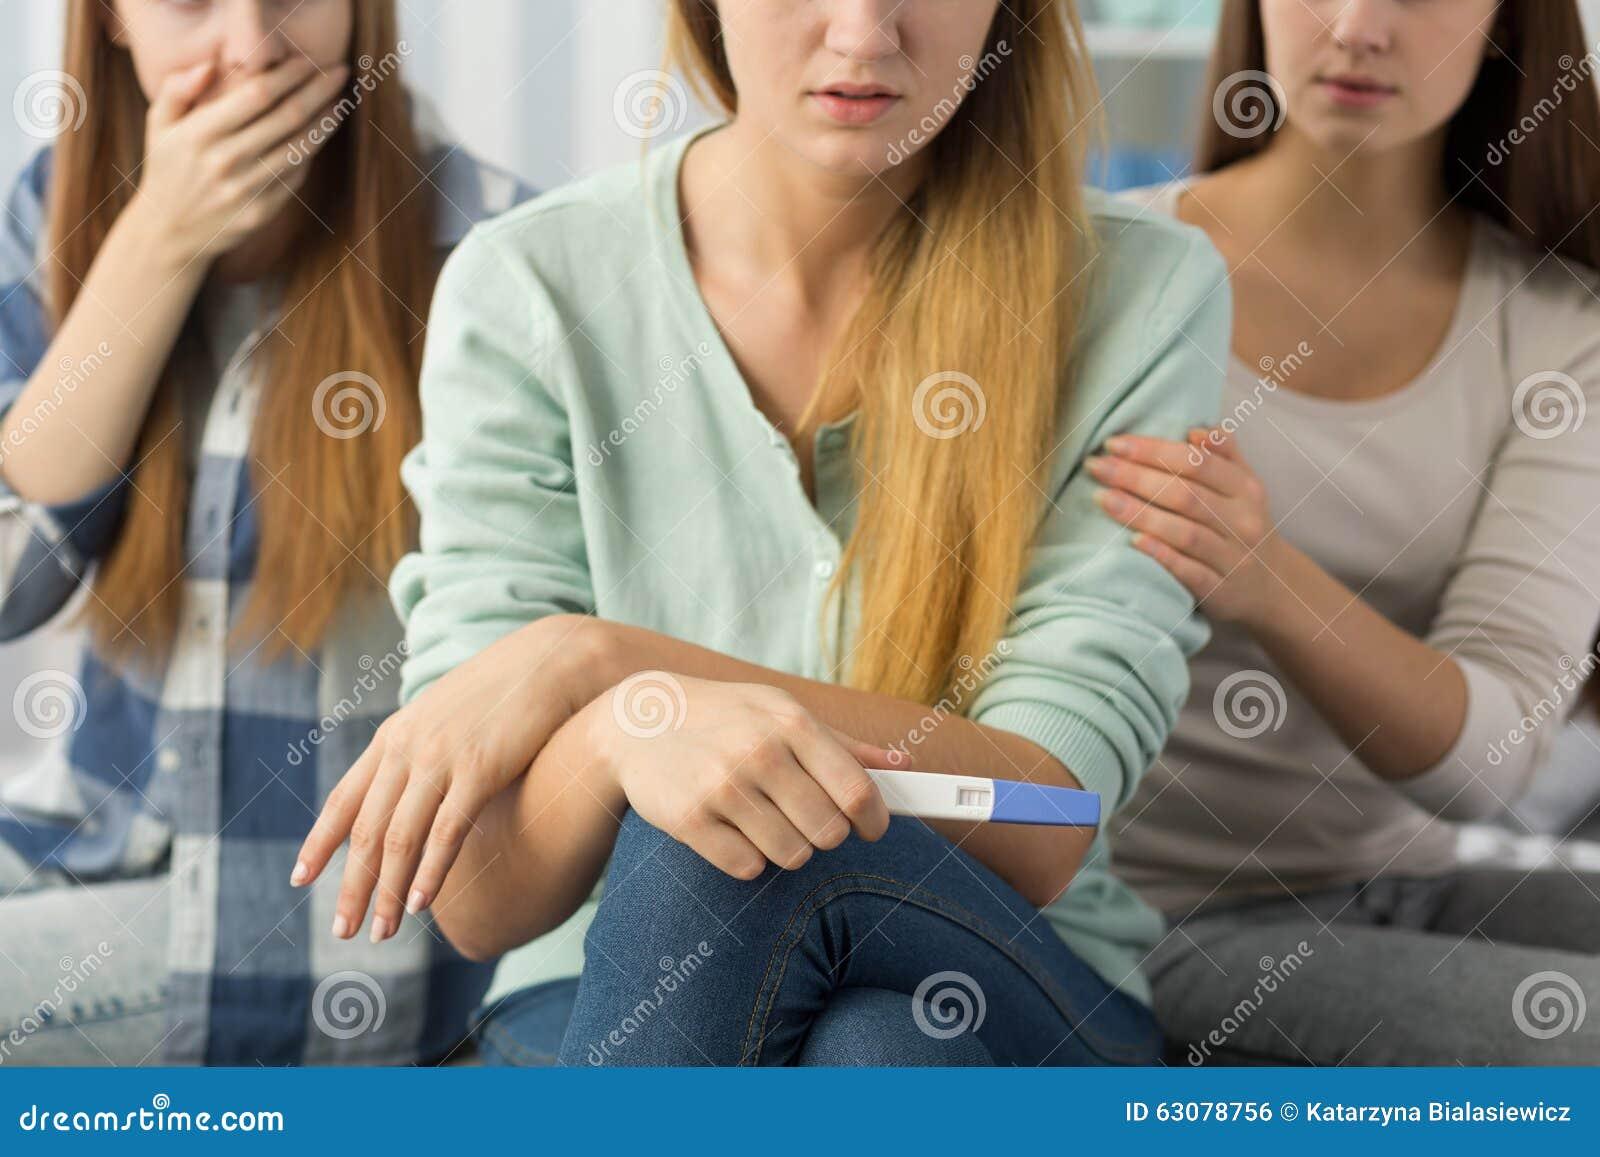 Download Adolescente Avec L'essai De Grossesse Photo stock - Image du essai, frappé: 63078756